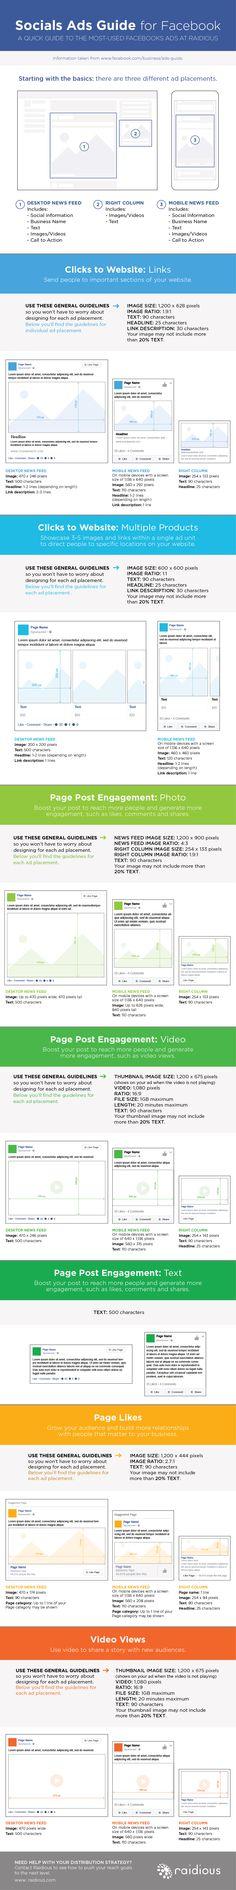 Infografía con una Guía de publicidad para FaceBook